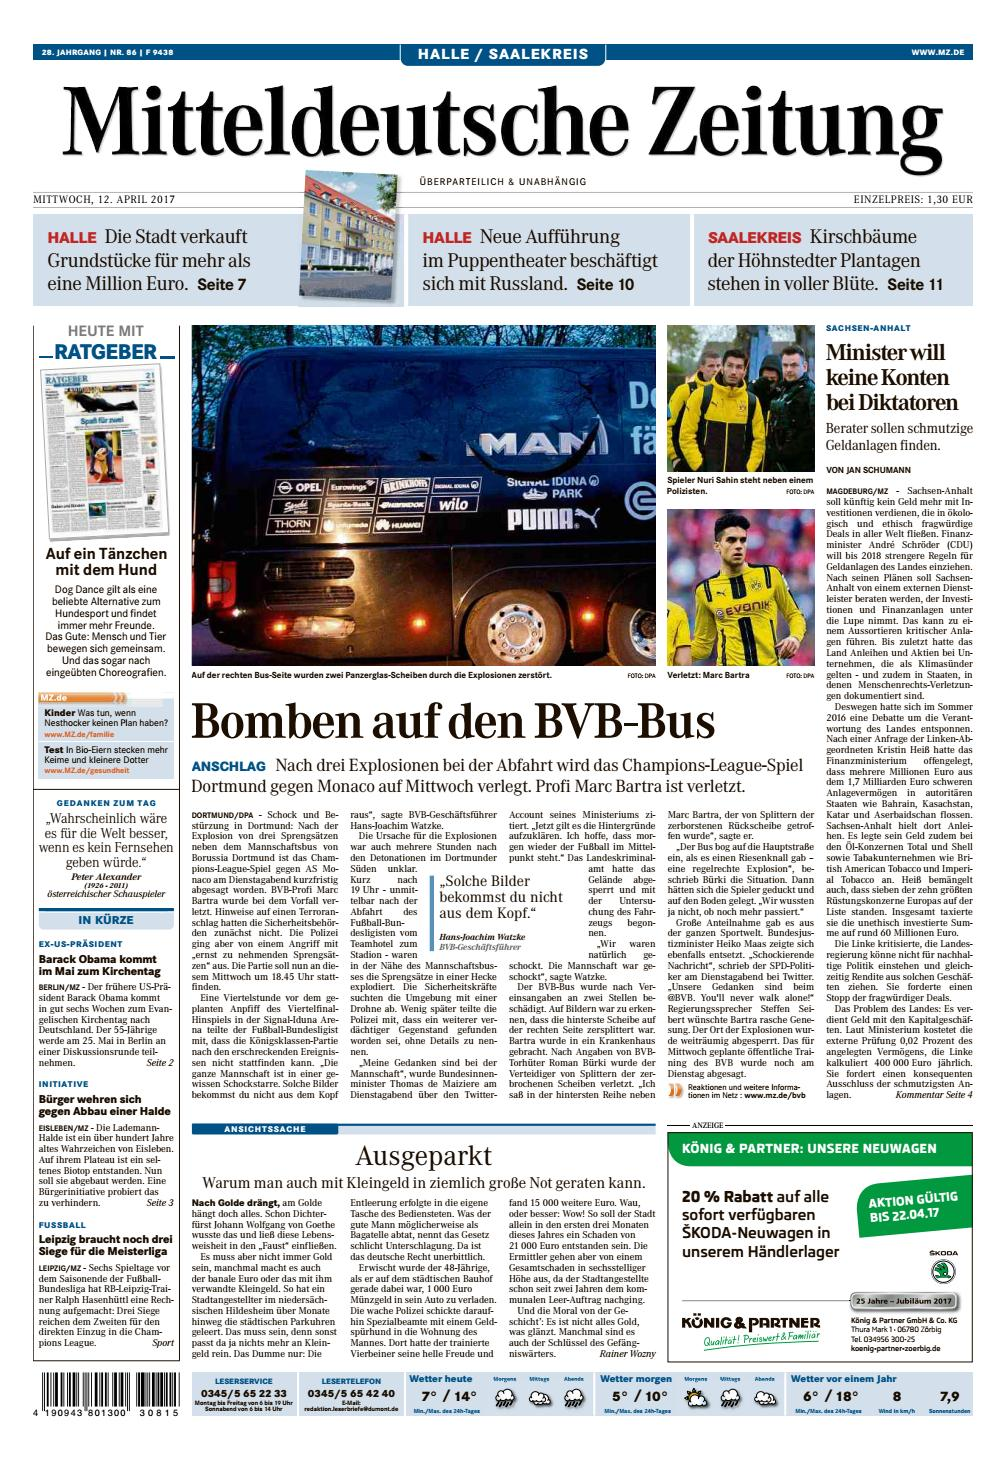 MZ Halle Saalekreis 12.04.2017 by Mediengruppe Mitteldeutsche Zeitung GmbH  & Co. KG - issuu